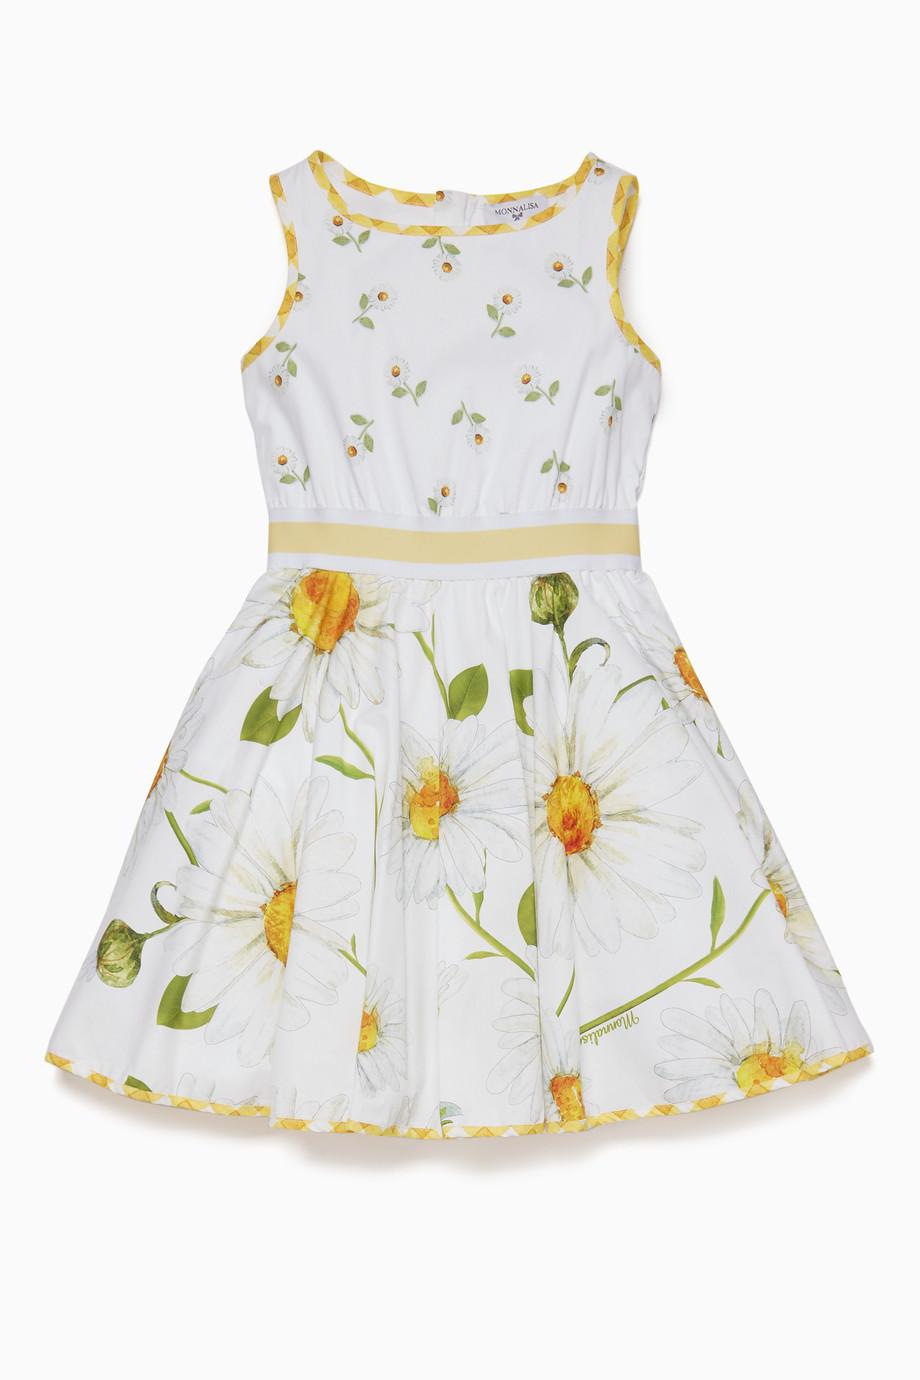 6c9a0a91a0b Shop MONNALISA White White Daisy Dress for Kids